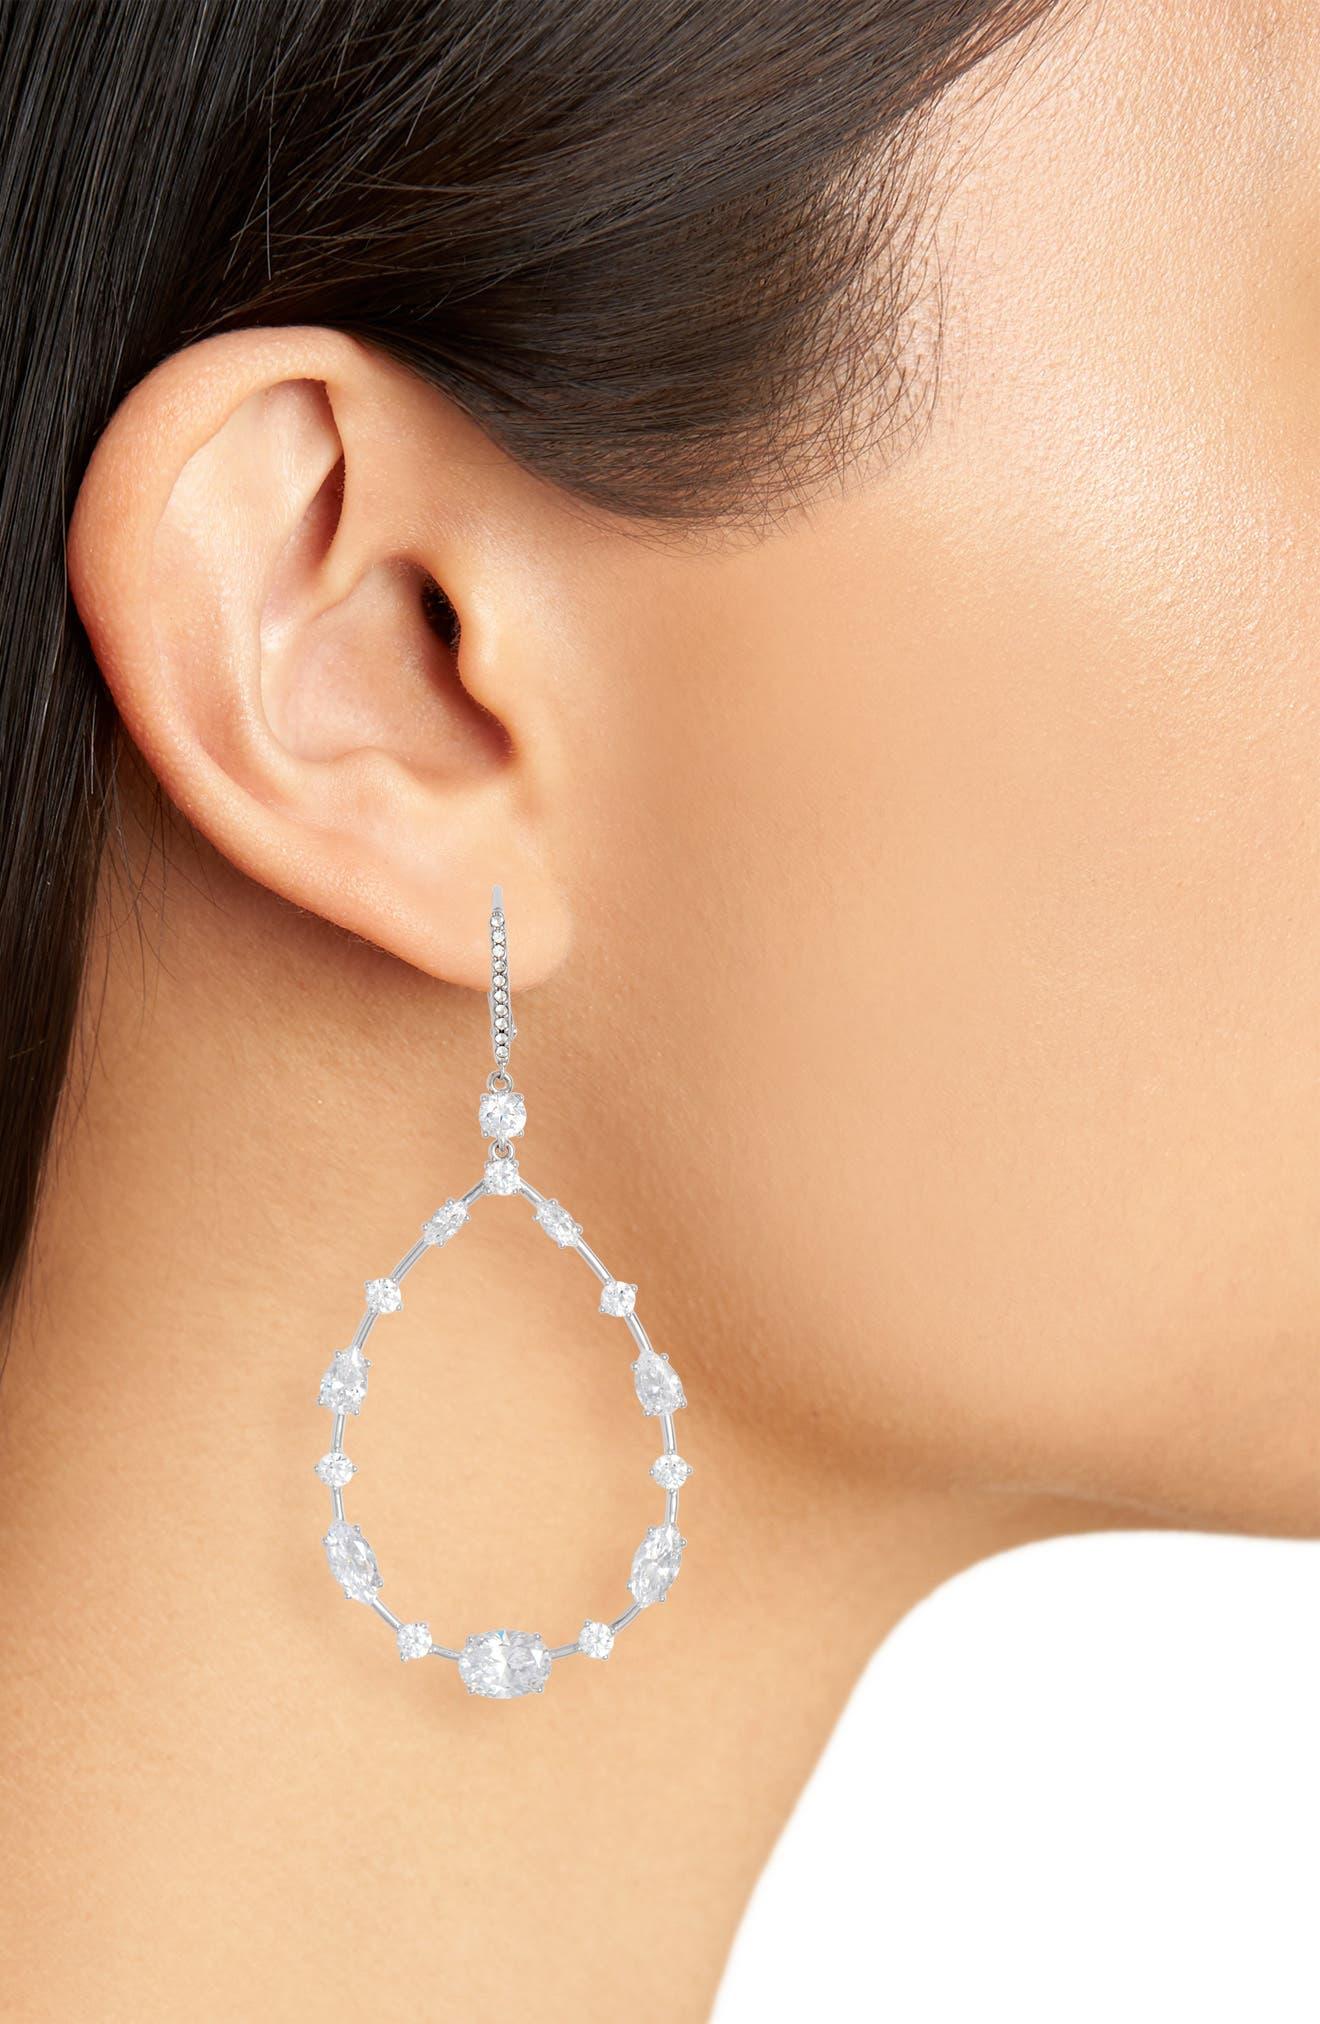 Crystal Teardrop Hoop Earrings,                             Alternate thumbnail 2, color,                             CLEAR- SILVER